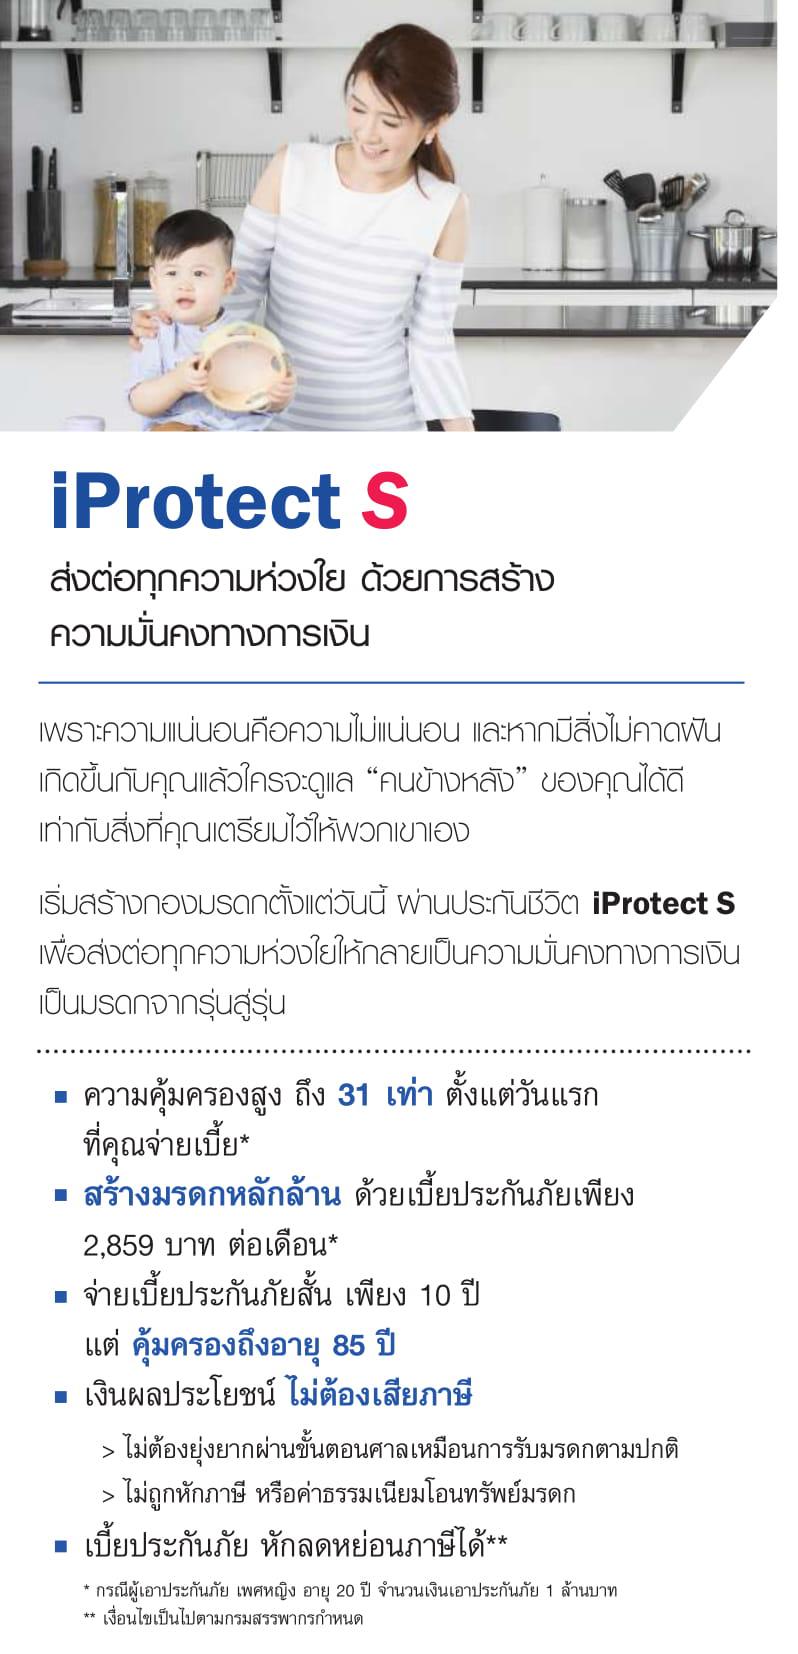 ประกัน I Protect S